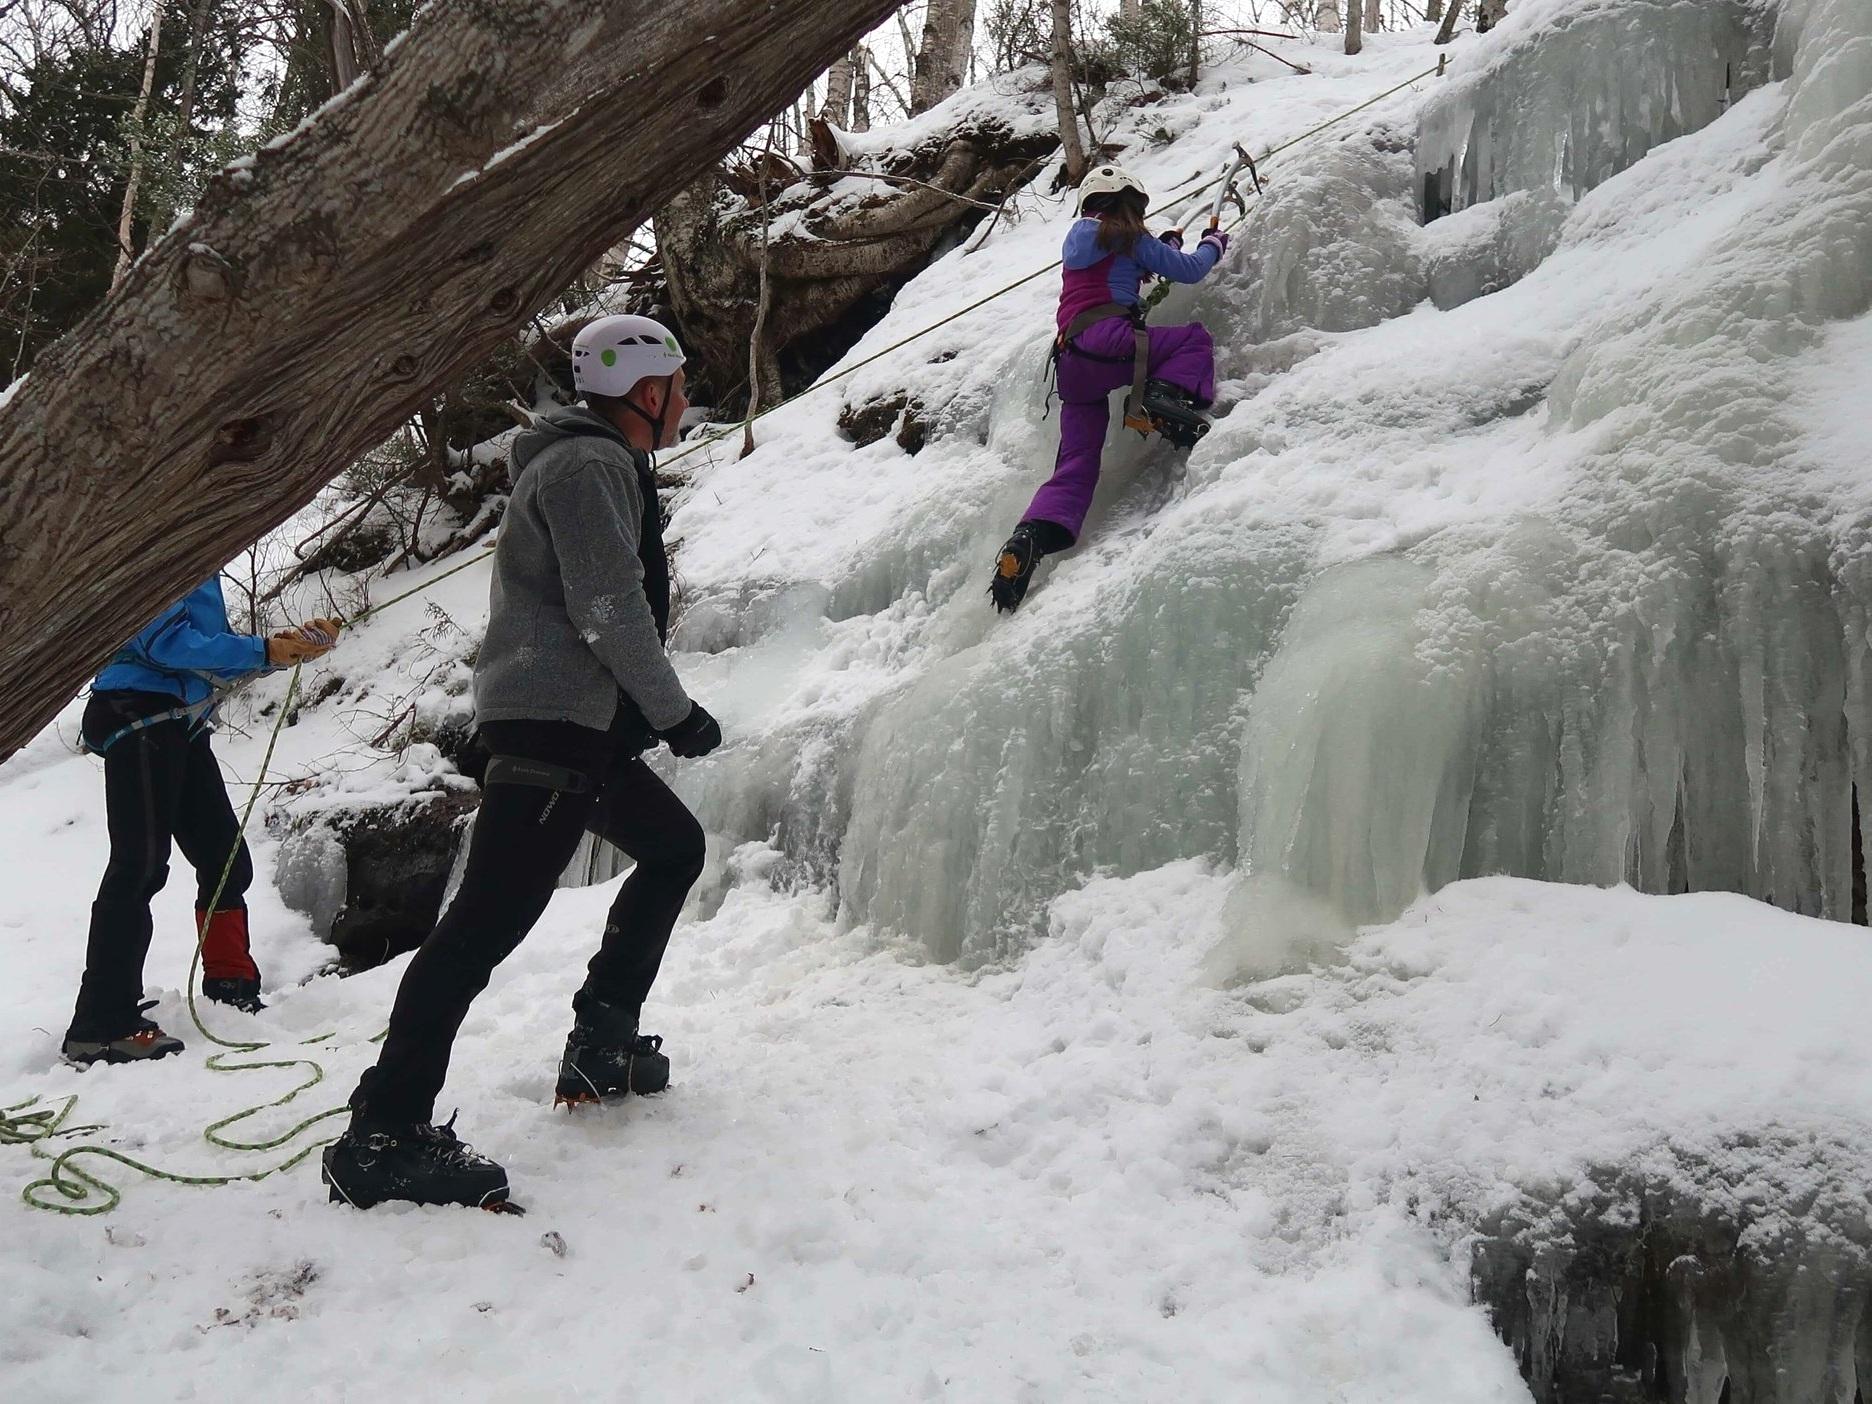 Ice Climbing at Pictured Rocks National Lakeshore in Munising, Michigan